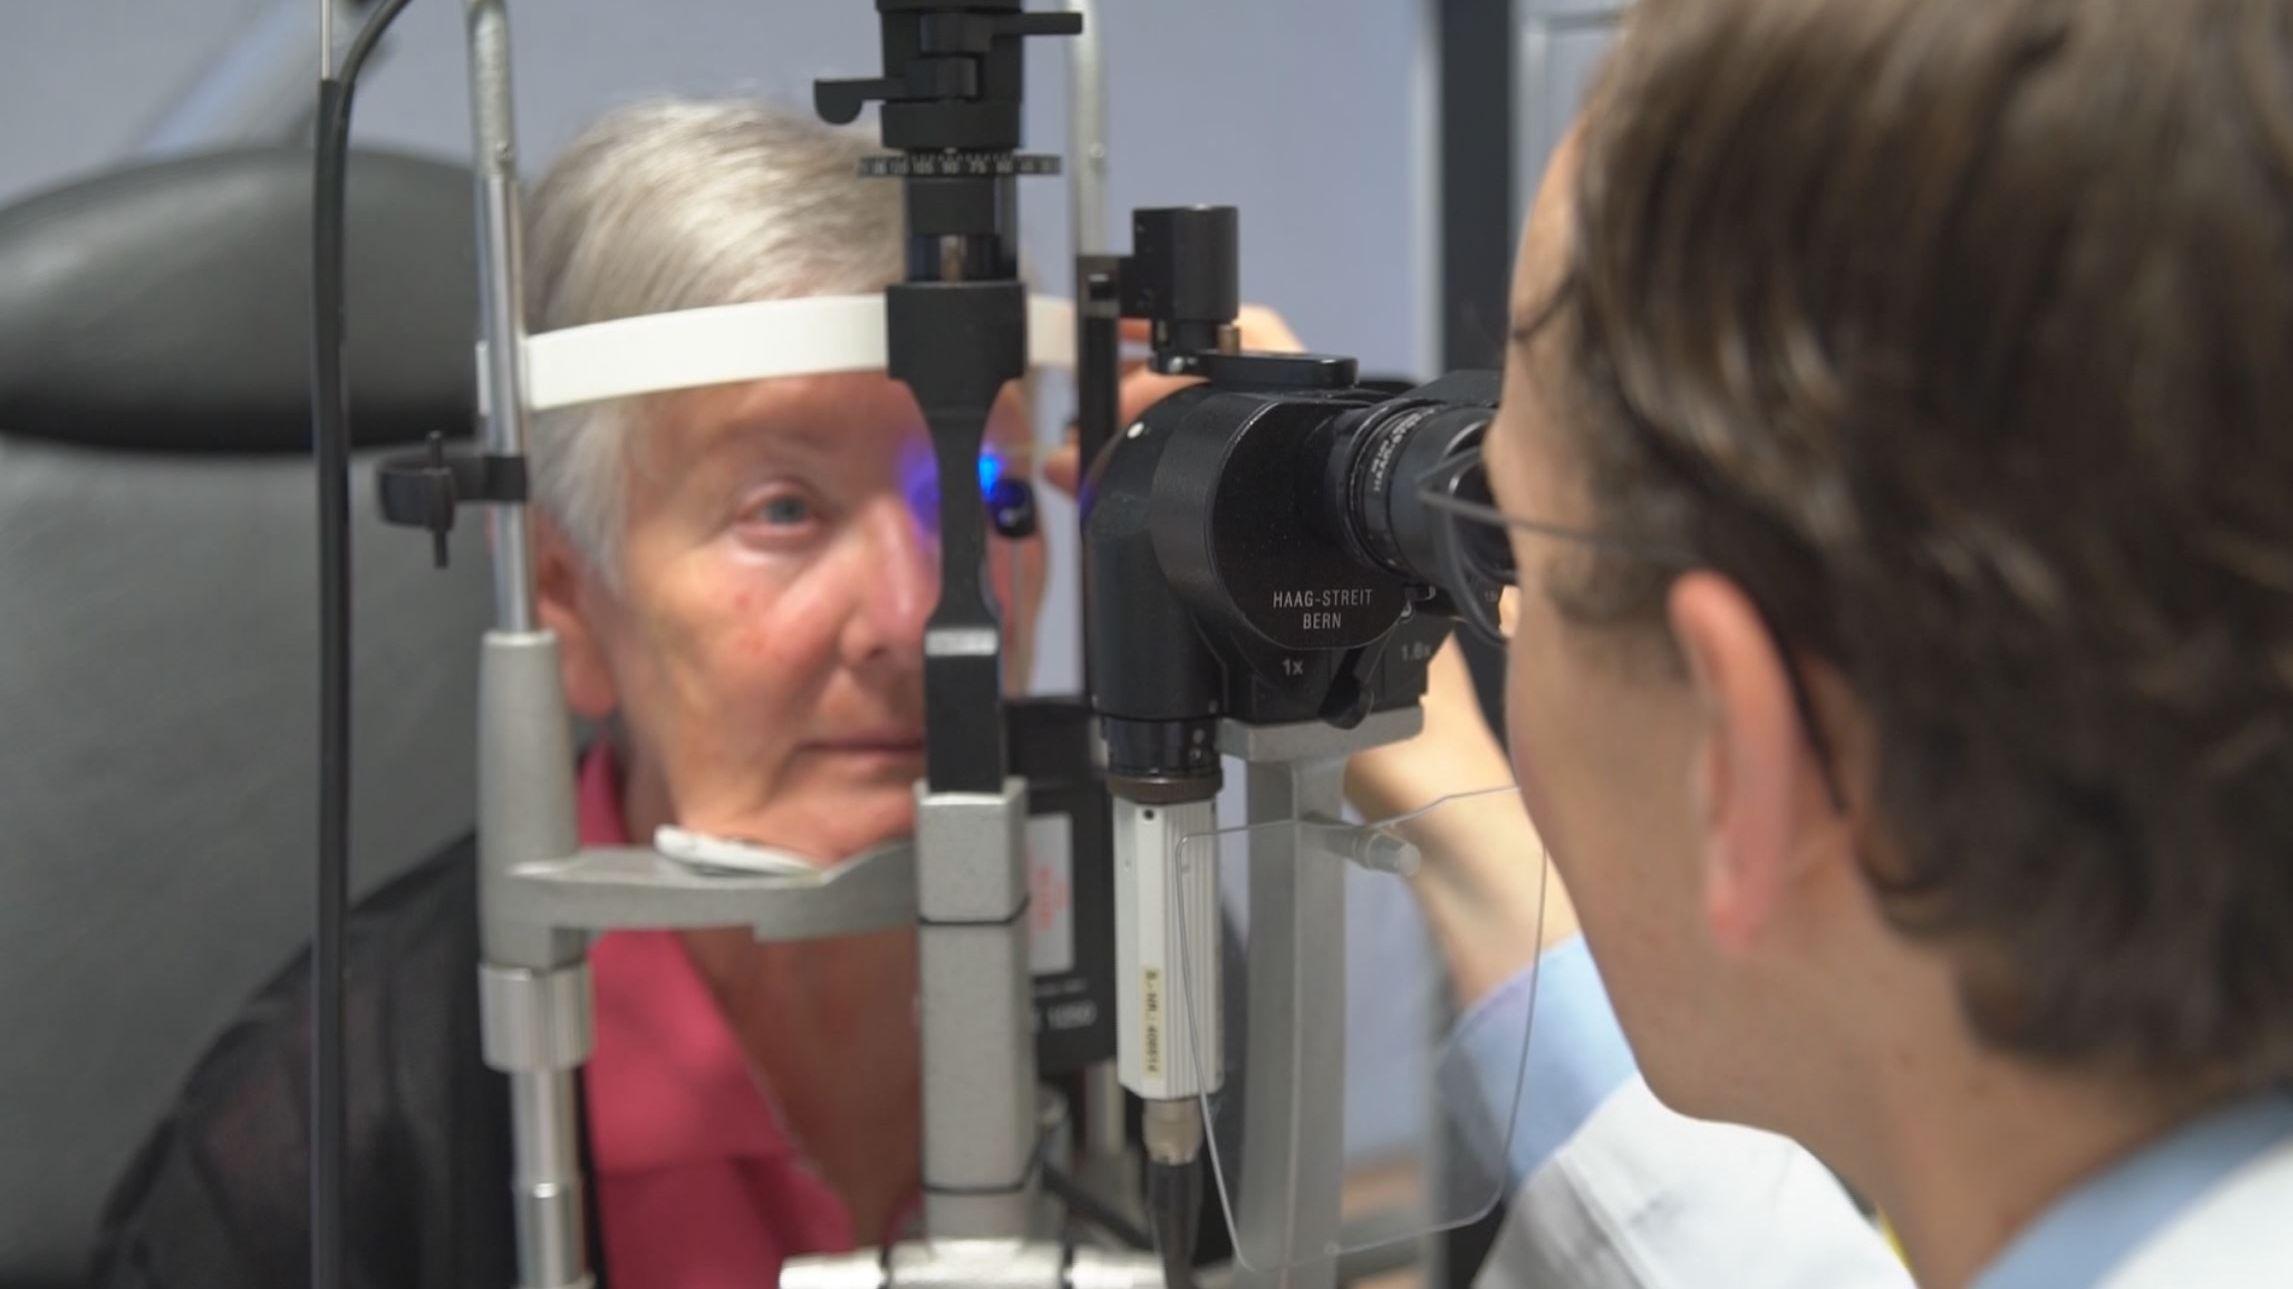 Augenklinik: Alles sauber - alles klar